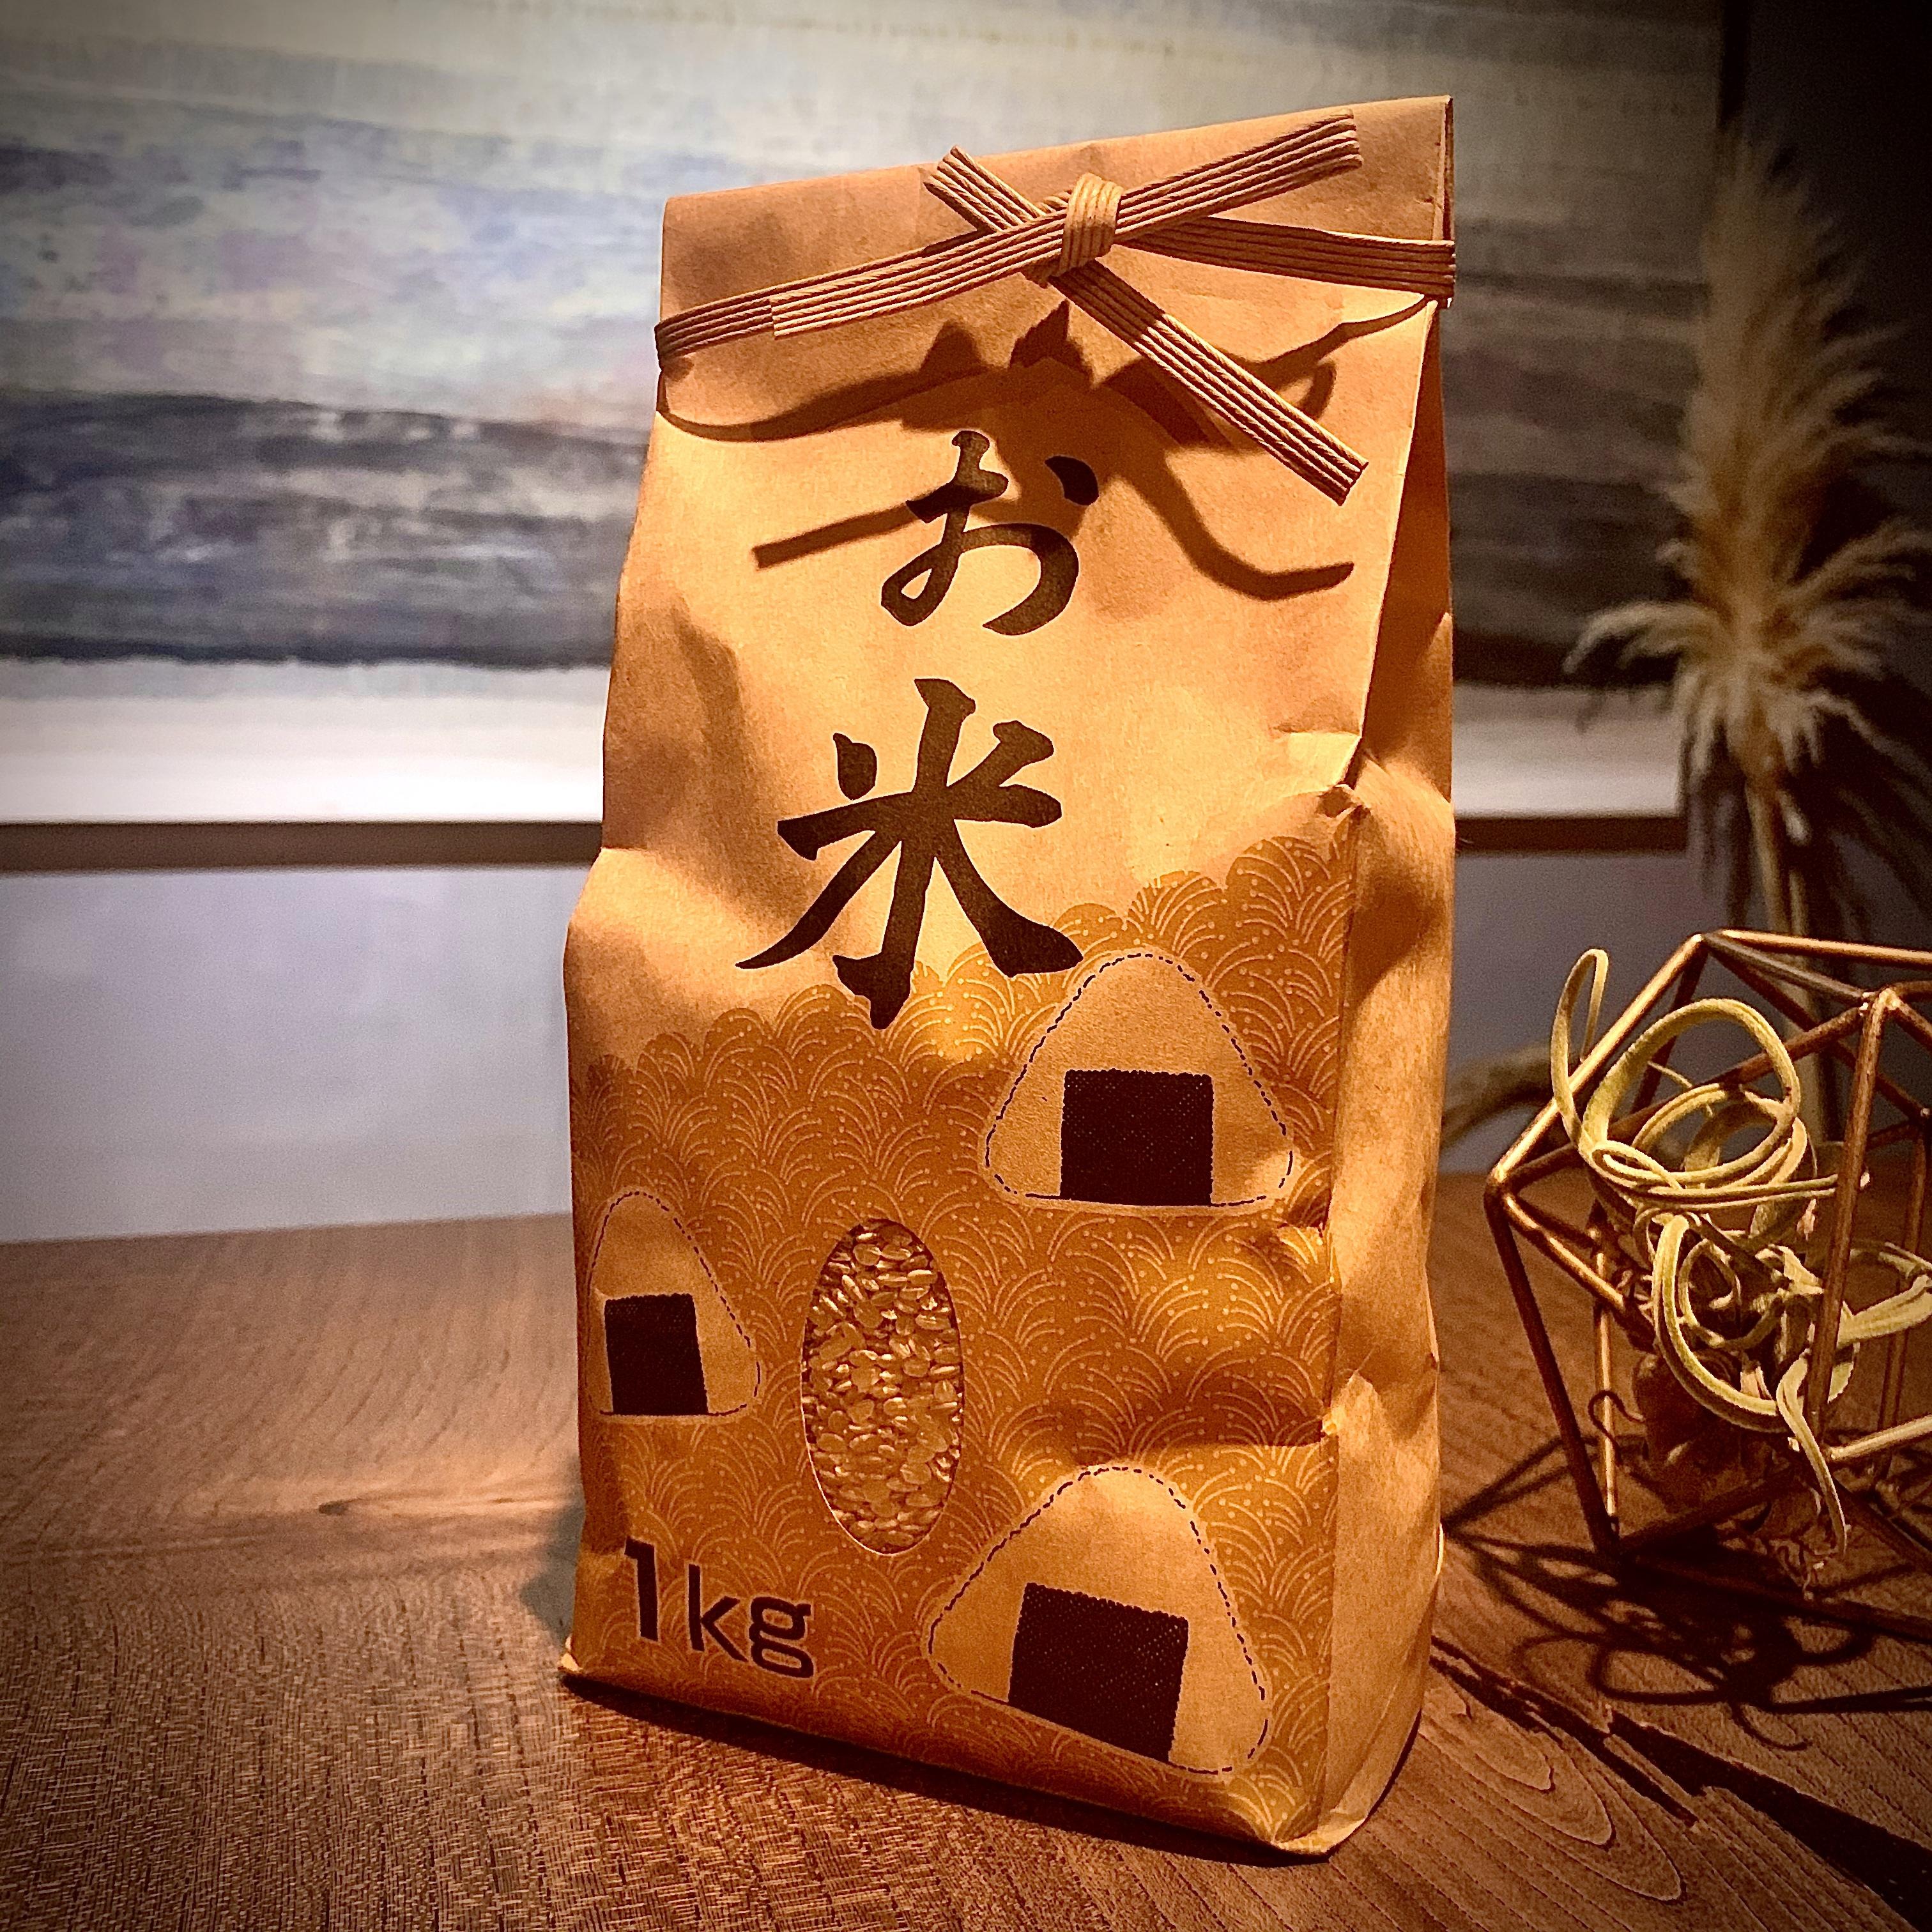 岡久園 ハッピーヒル玄米(福岡米) 1kg